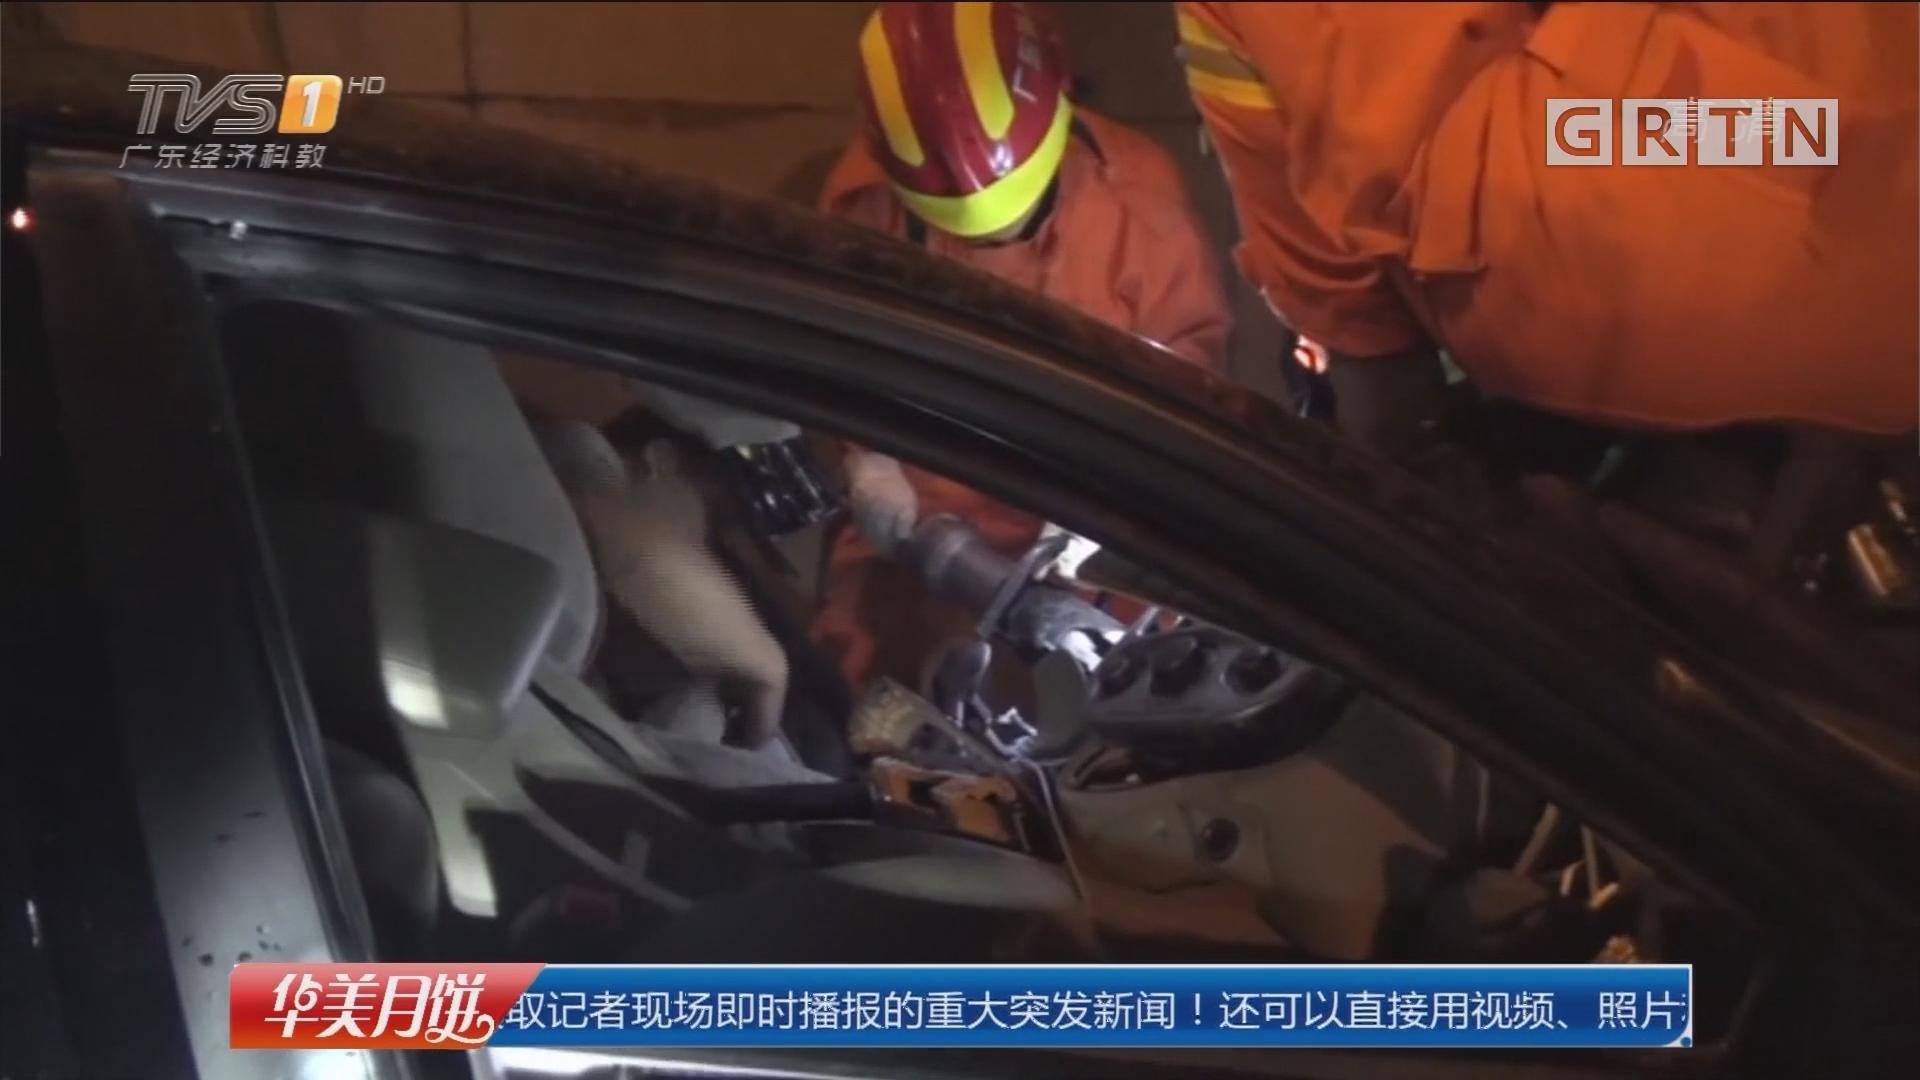 关注交通安全:广州番禺 四车追尾司机被困 消防冒险救人